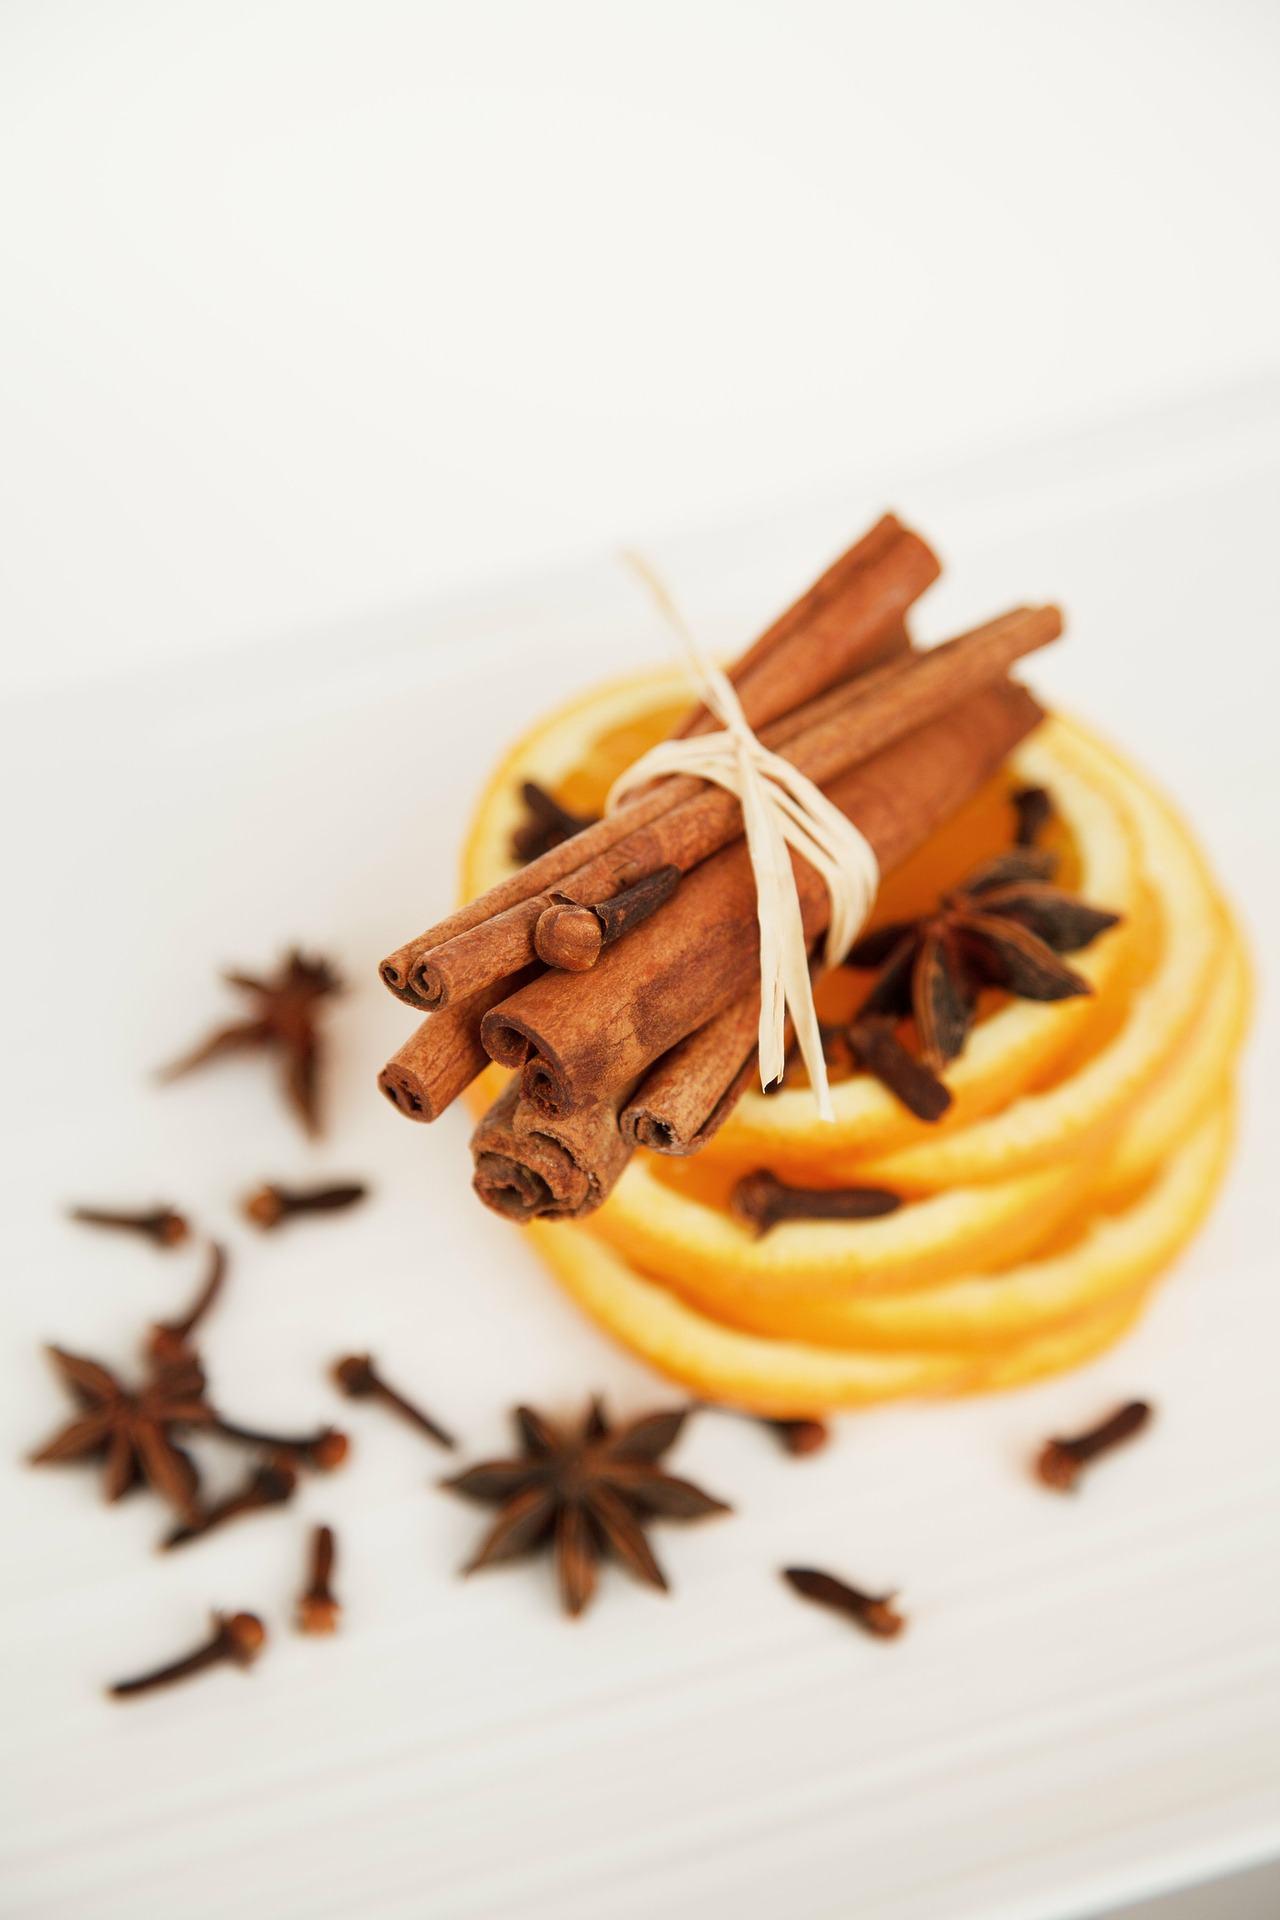 jak zrobić świąteczny zapach w domu